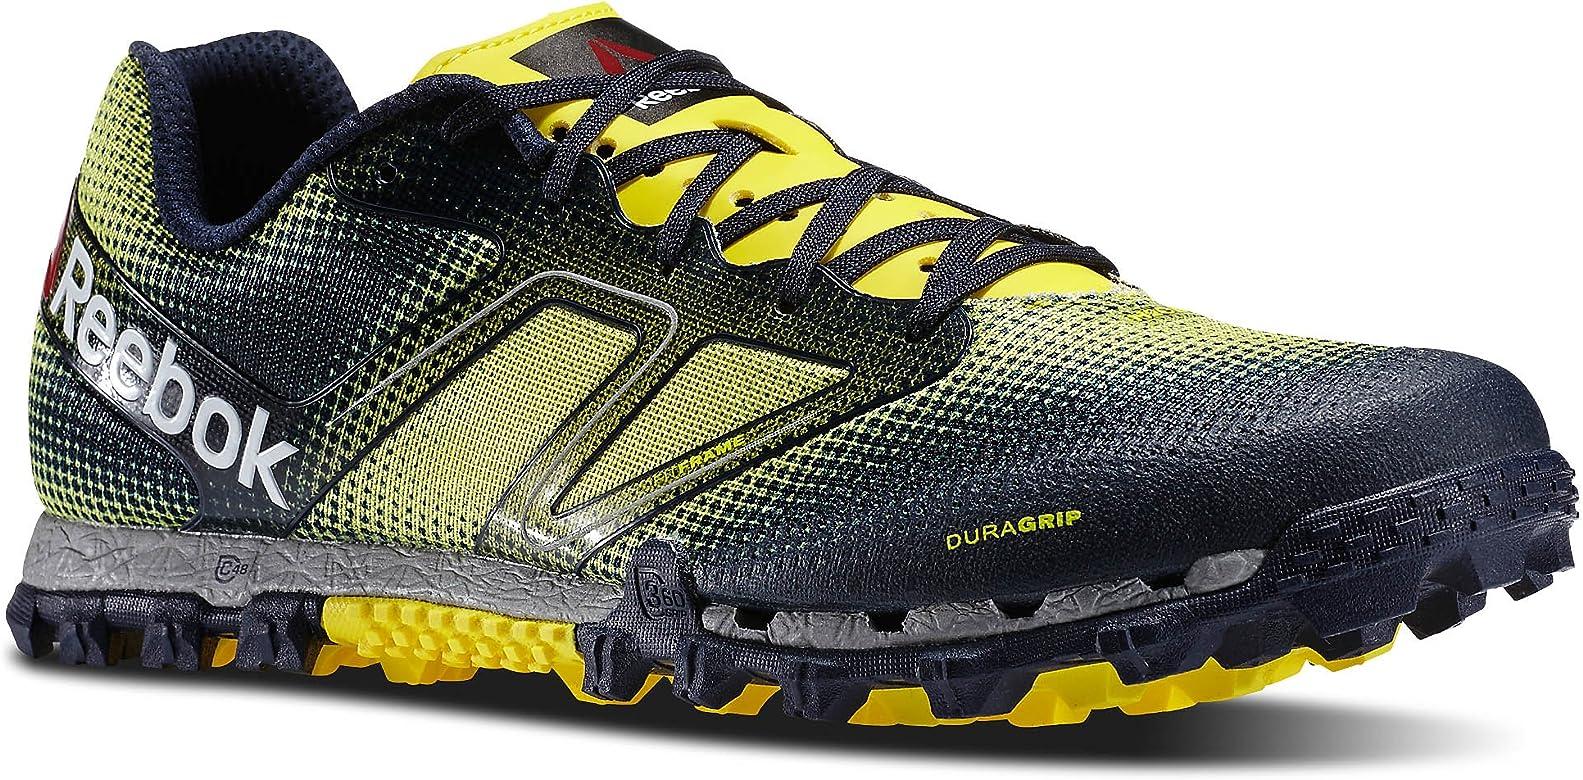 Reebok Todo Terreno Super Zapatillas de Running: Amazon.es: Zapatos y complementos